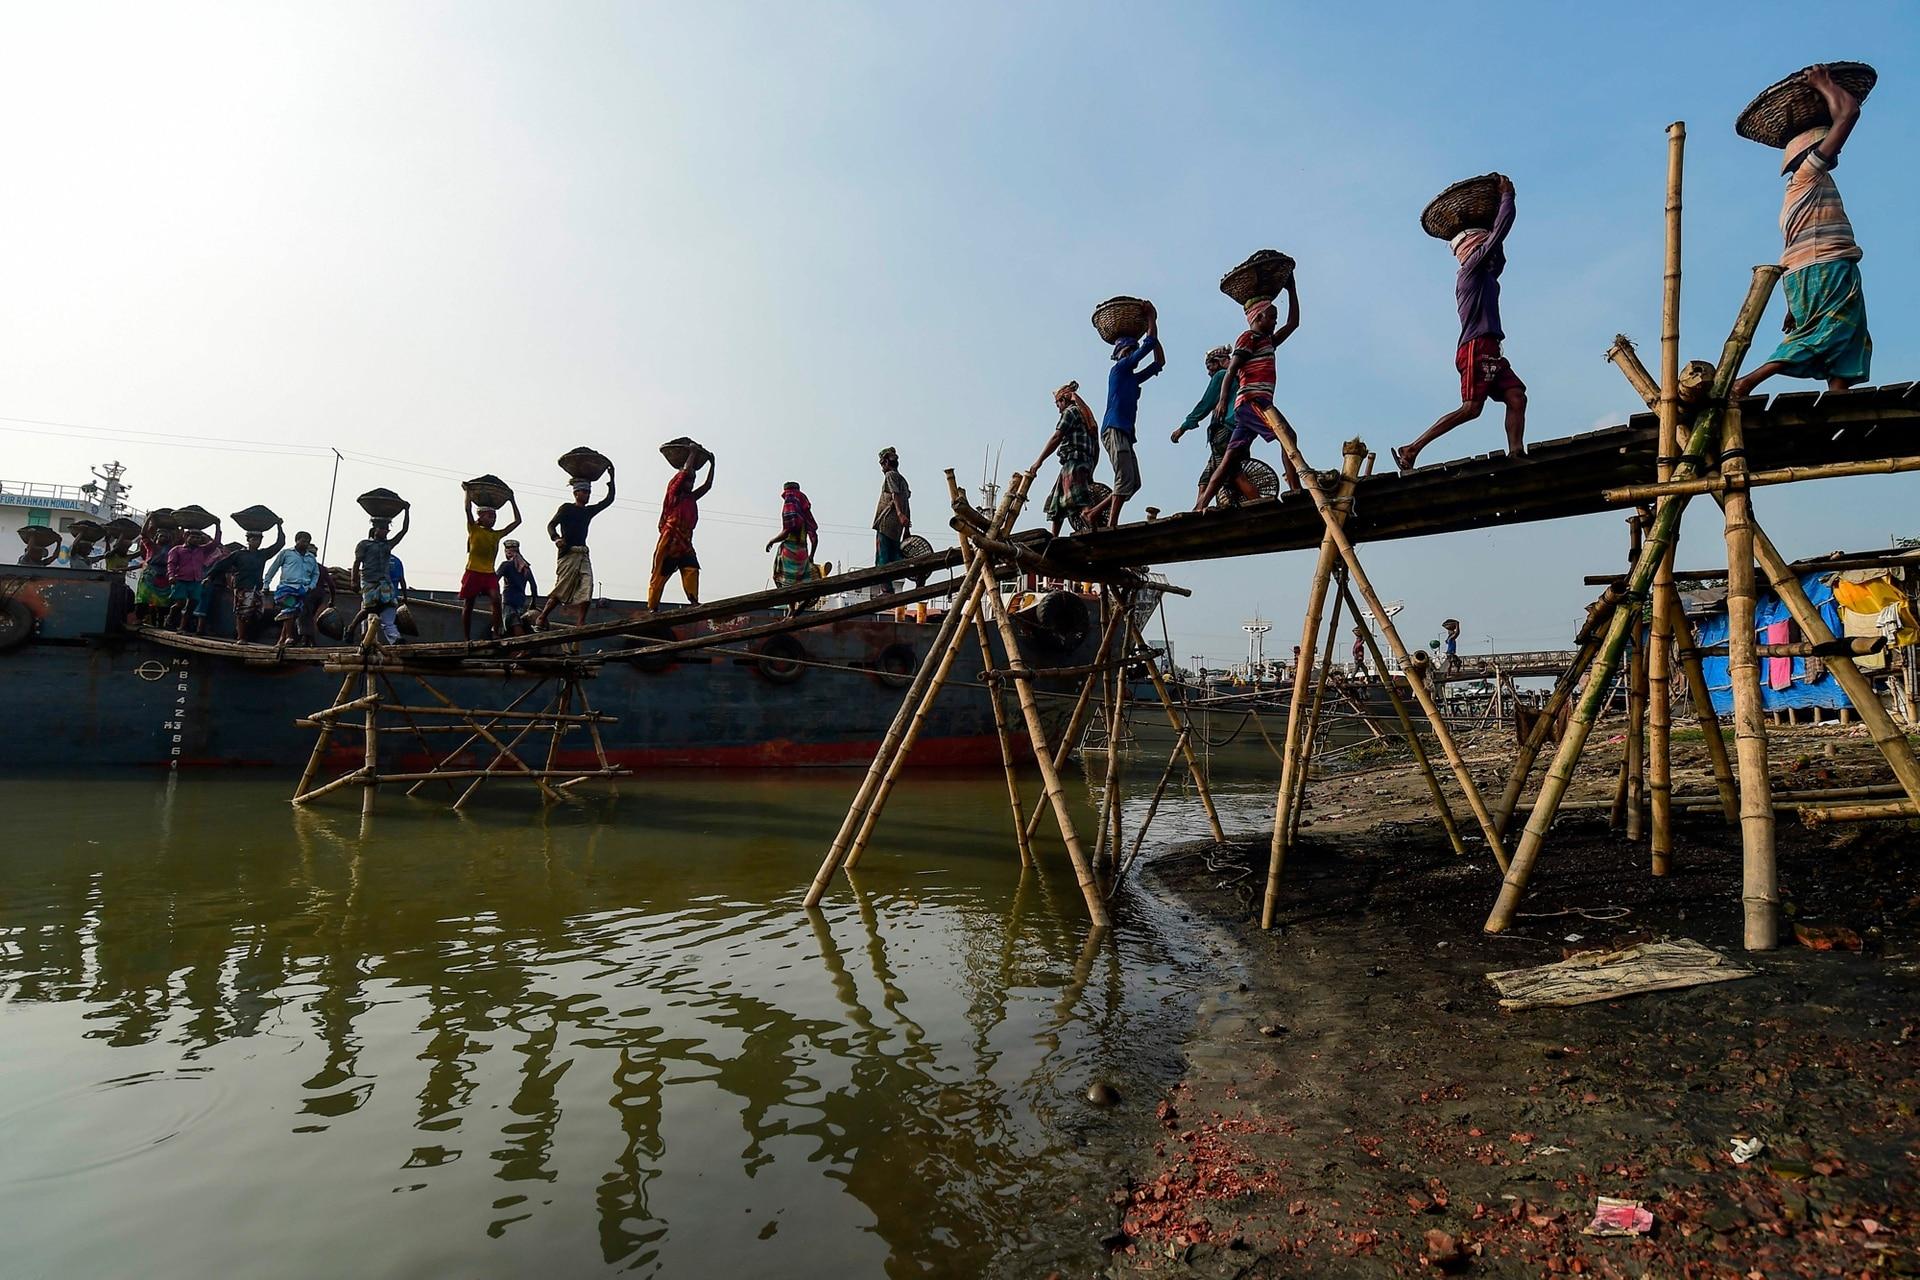 Cada trabajador cobra de acuerdo a las canastas que descarga del barco